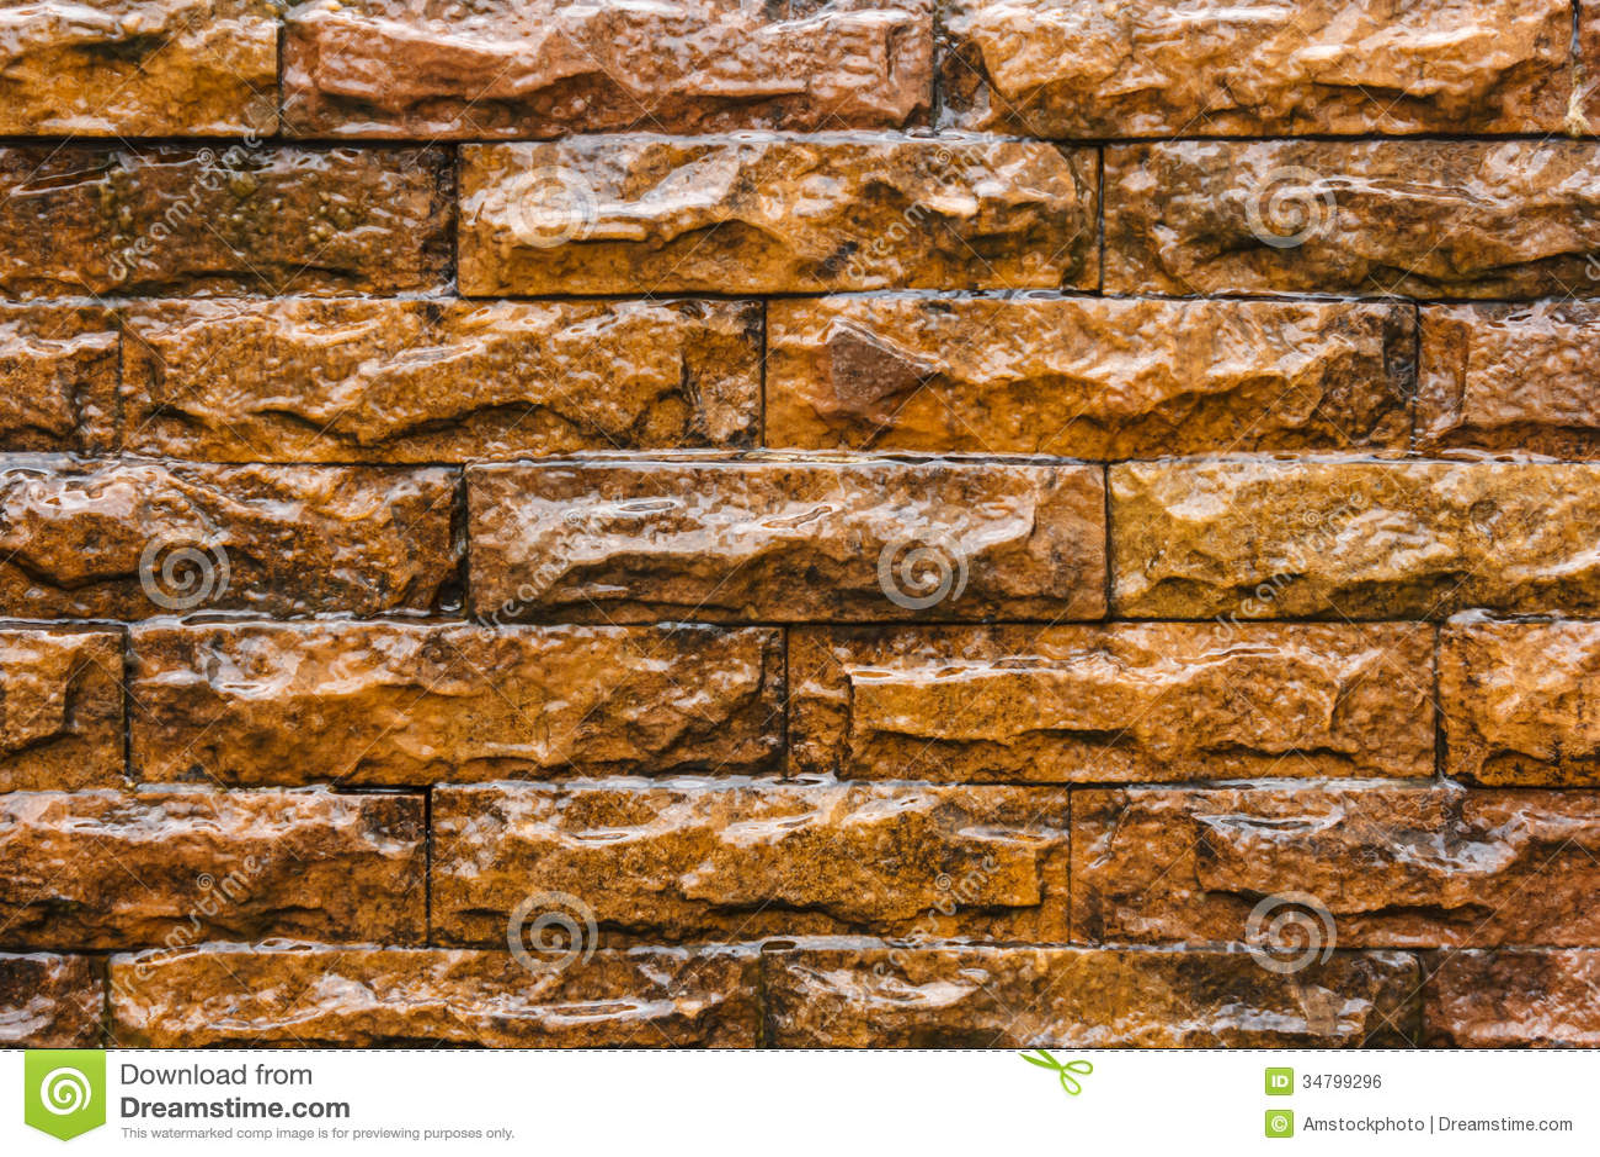 chute de l 39 eau sur le fond brun de mur de briques image libre de droits image 34799296. Black Bedroom Furniture Sets. Home Design Ideas